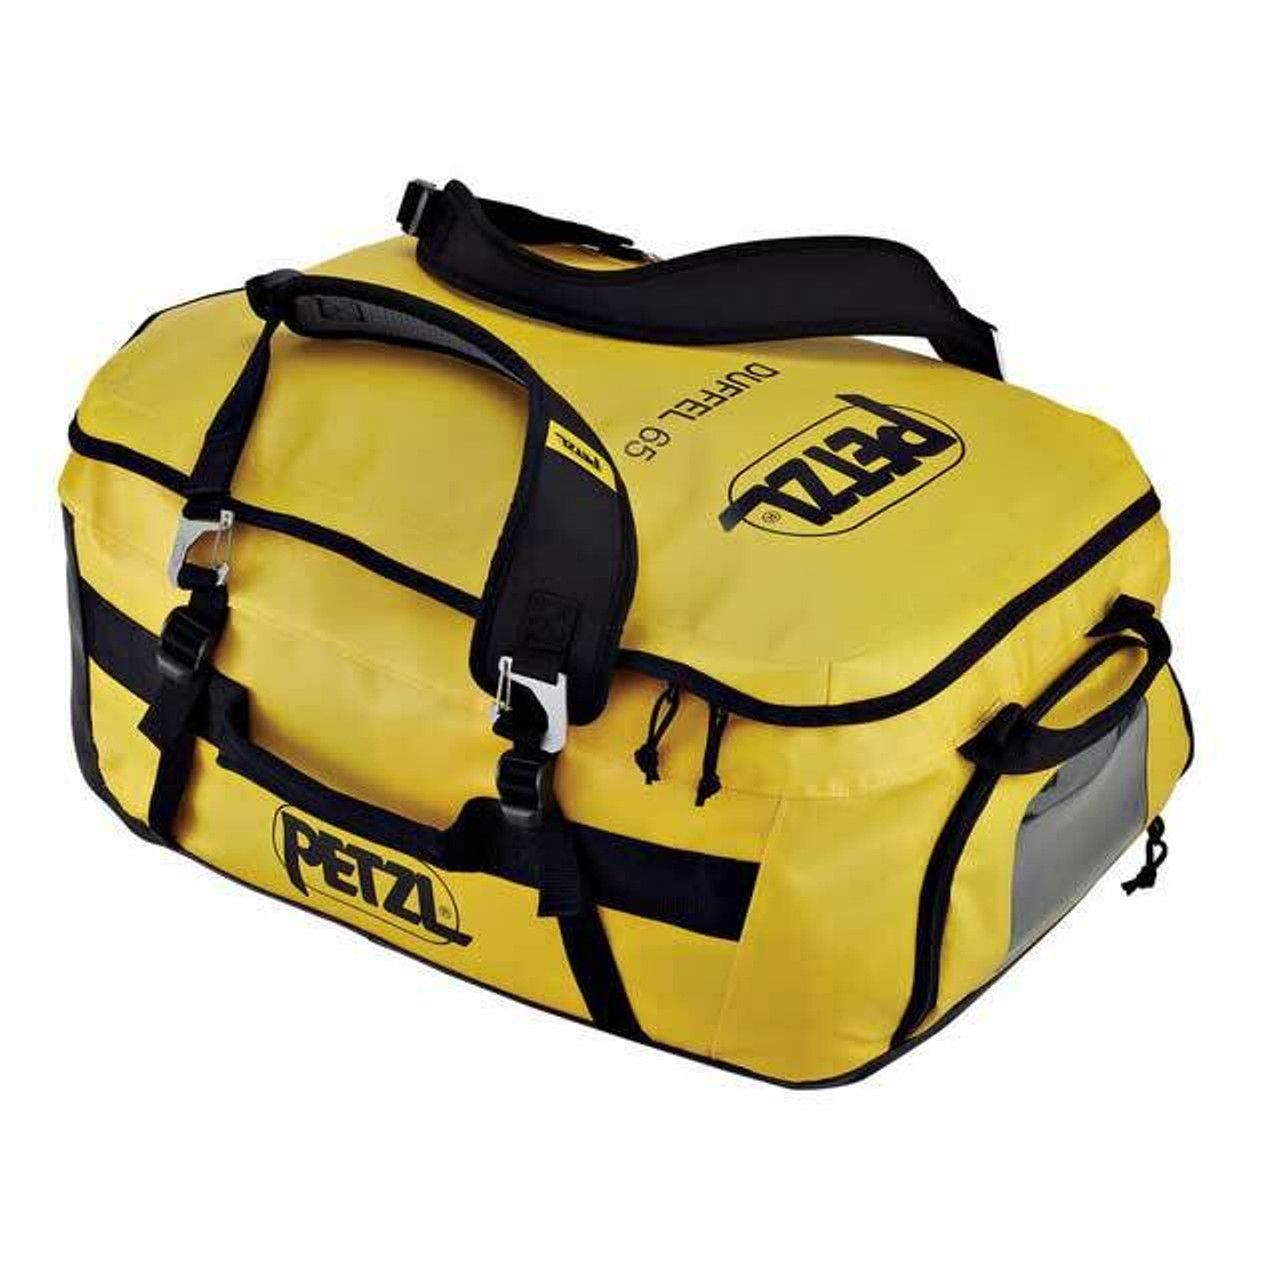 Bags + Packs + Storage